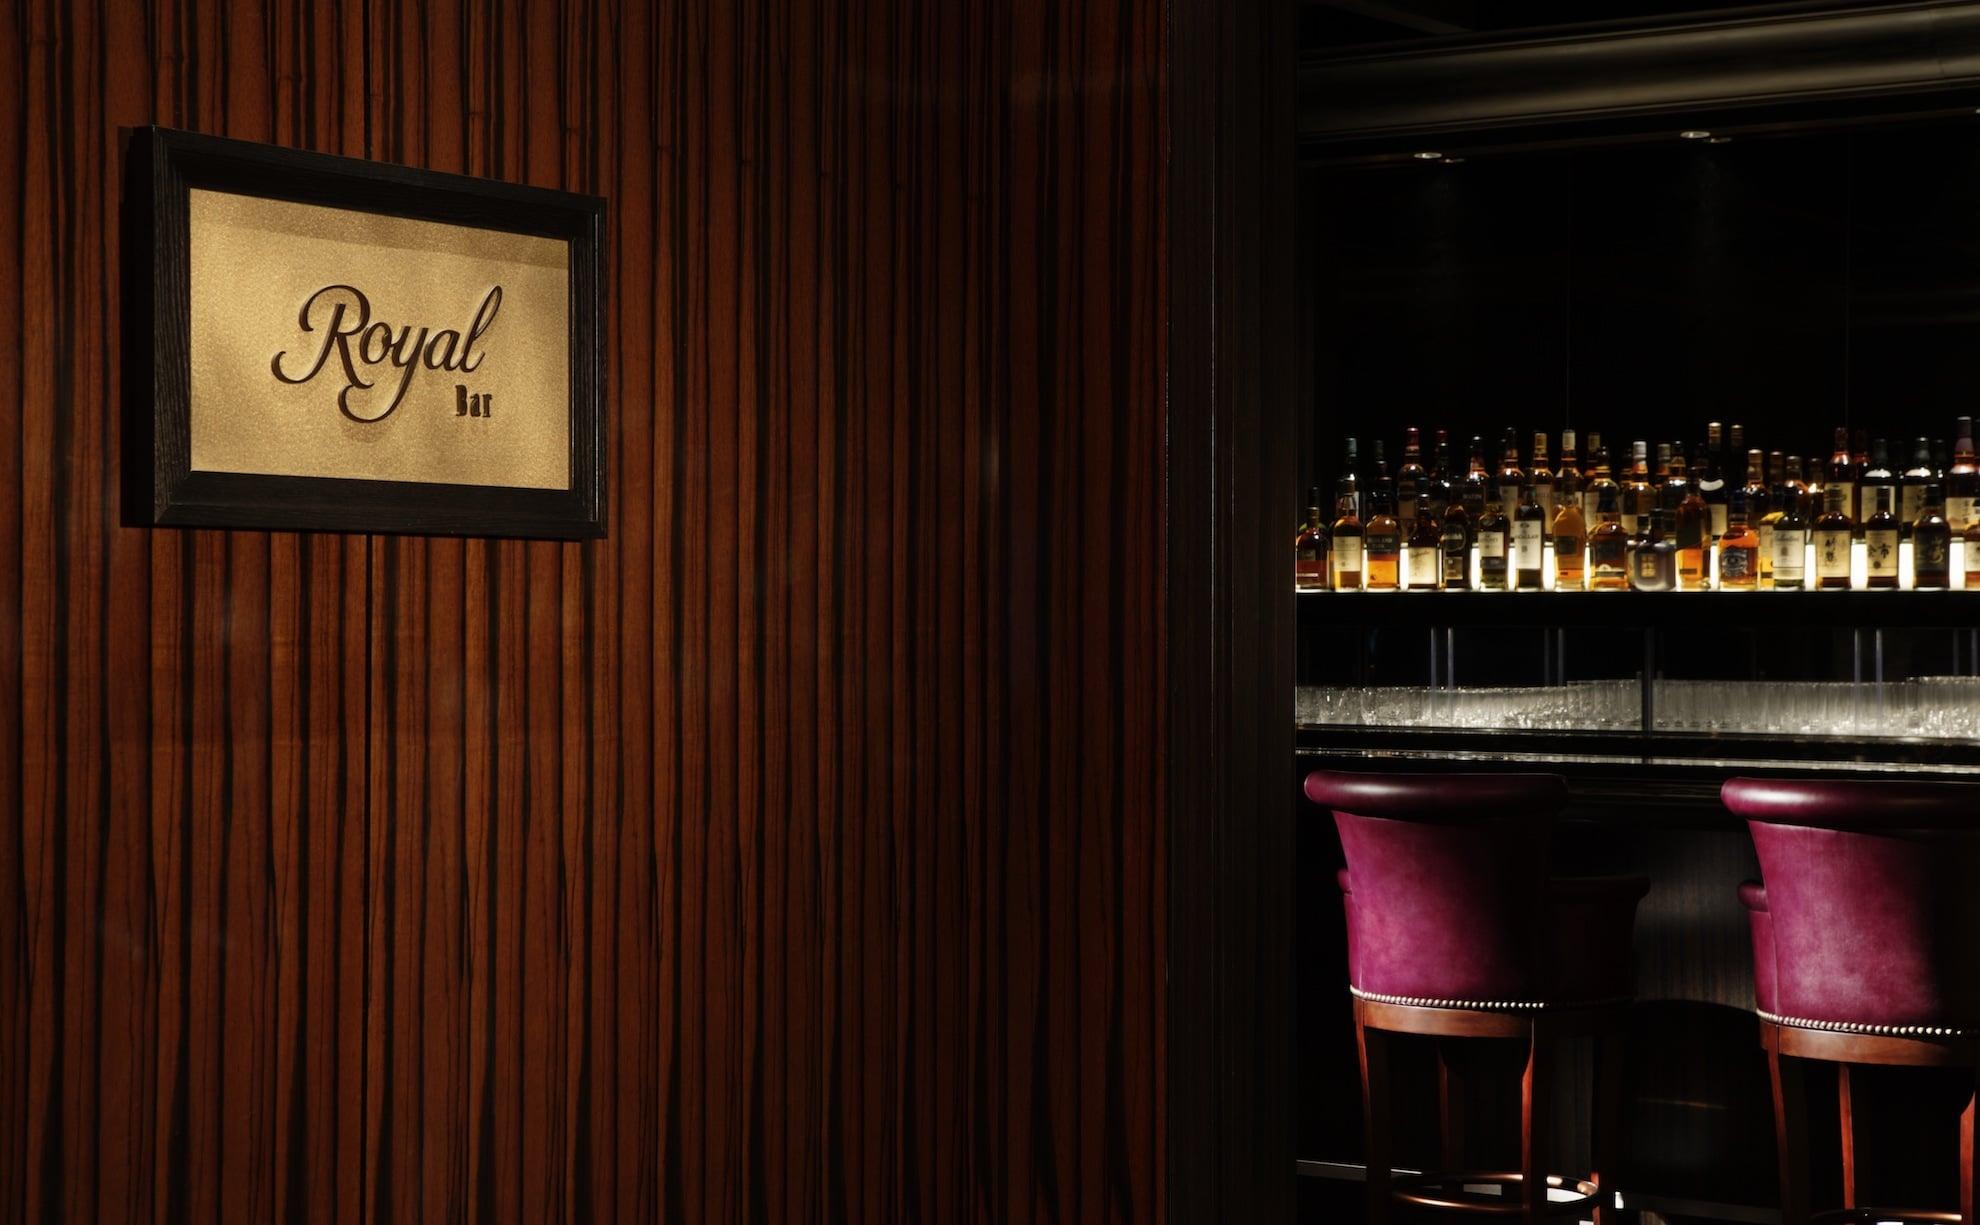 Palace Hotel Tokyo – Royal Bar – I – F2